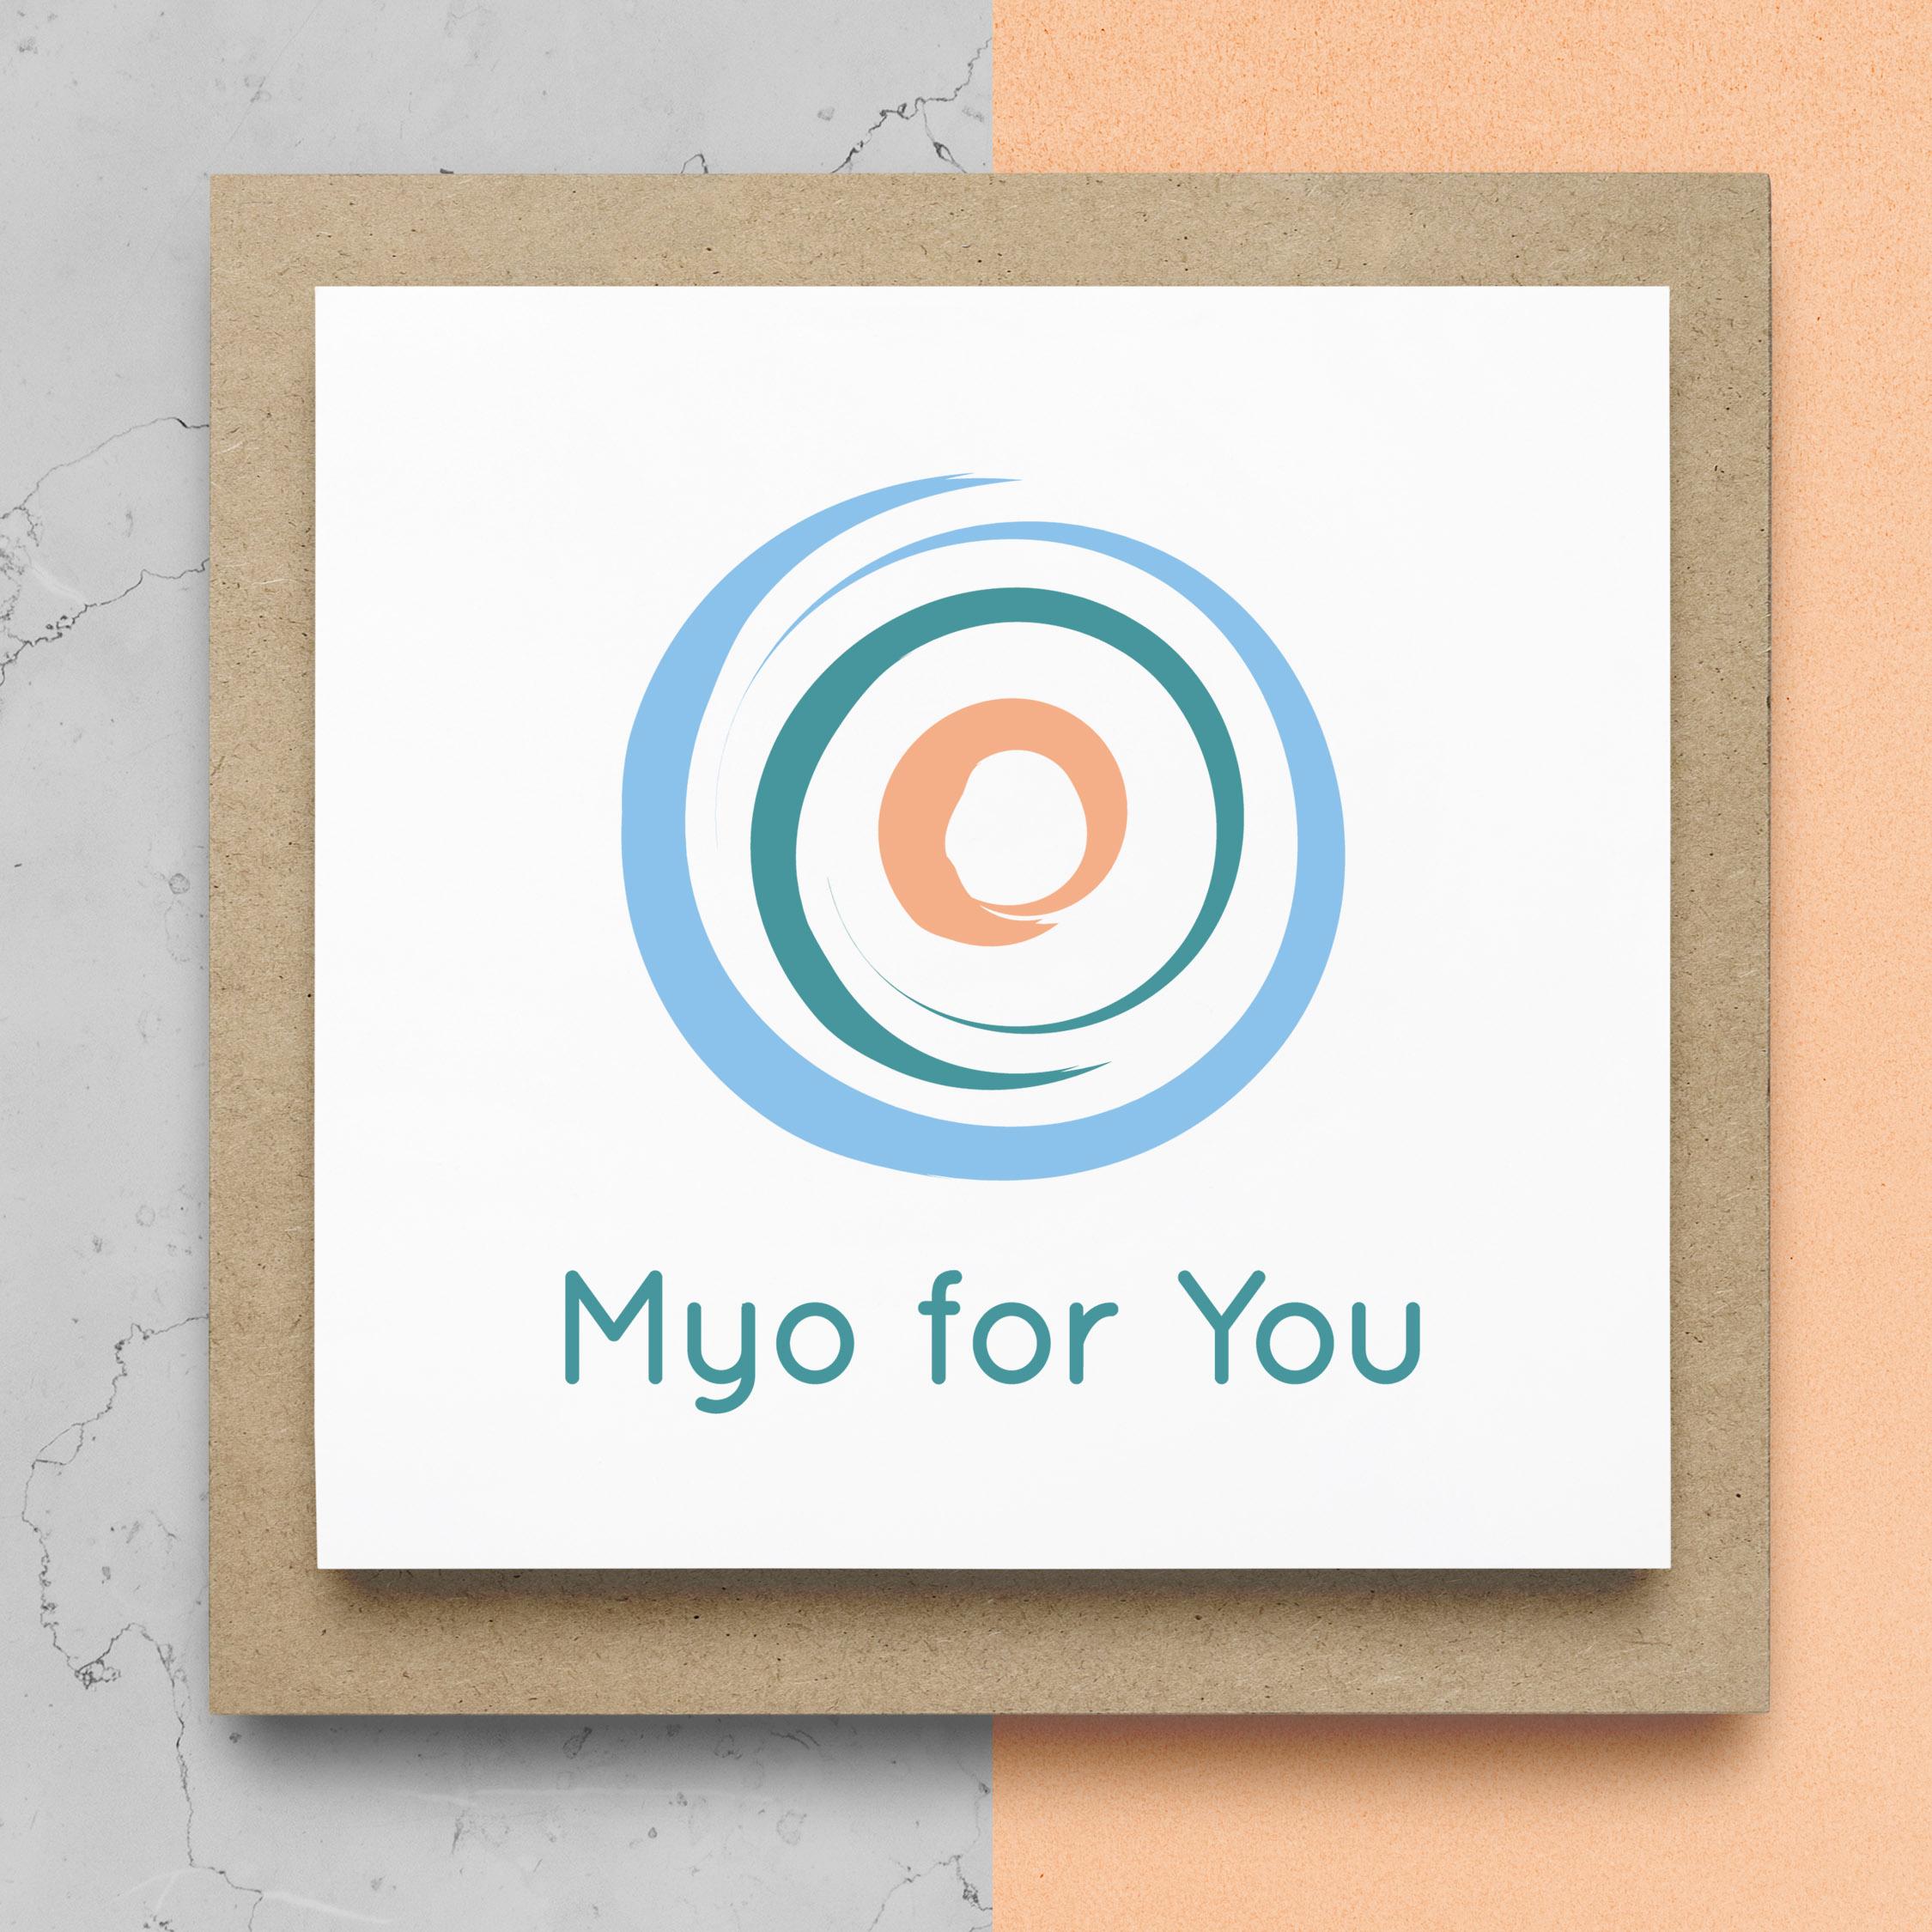 Myo For You Logo Design